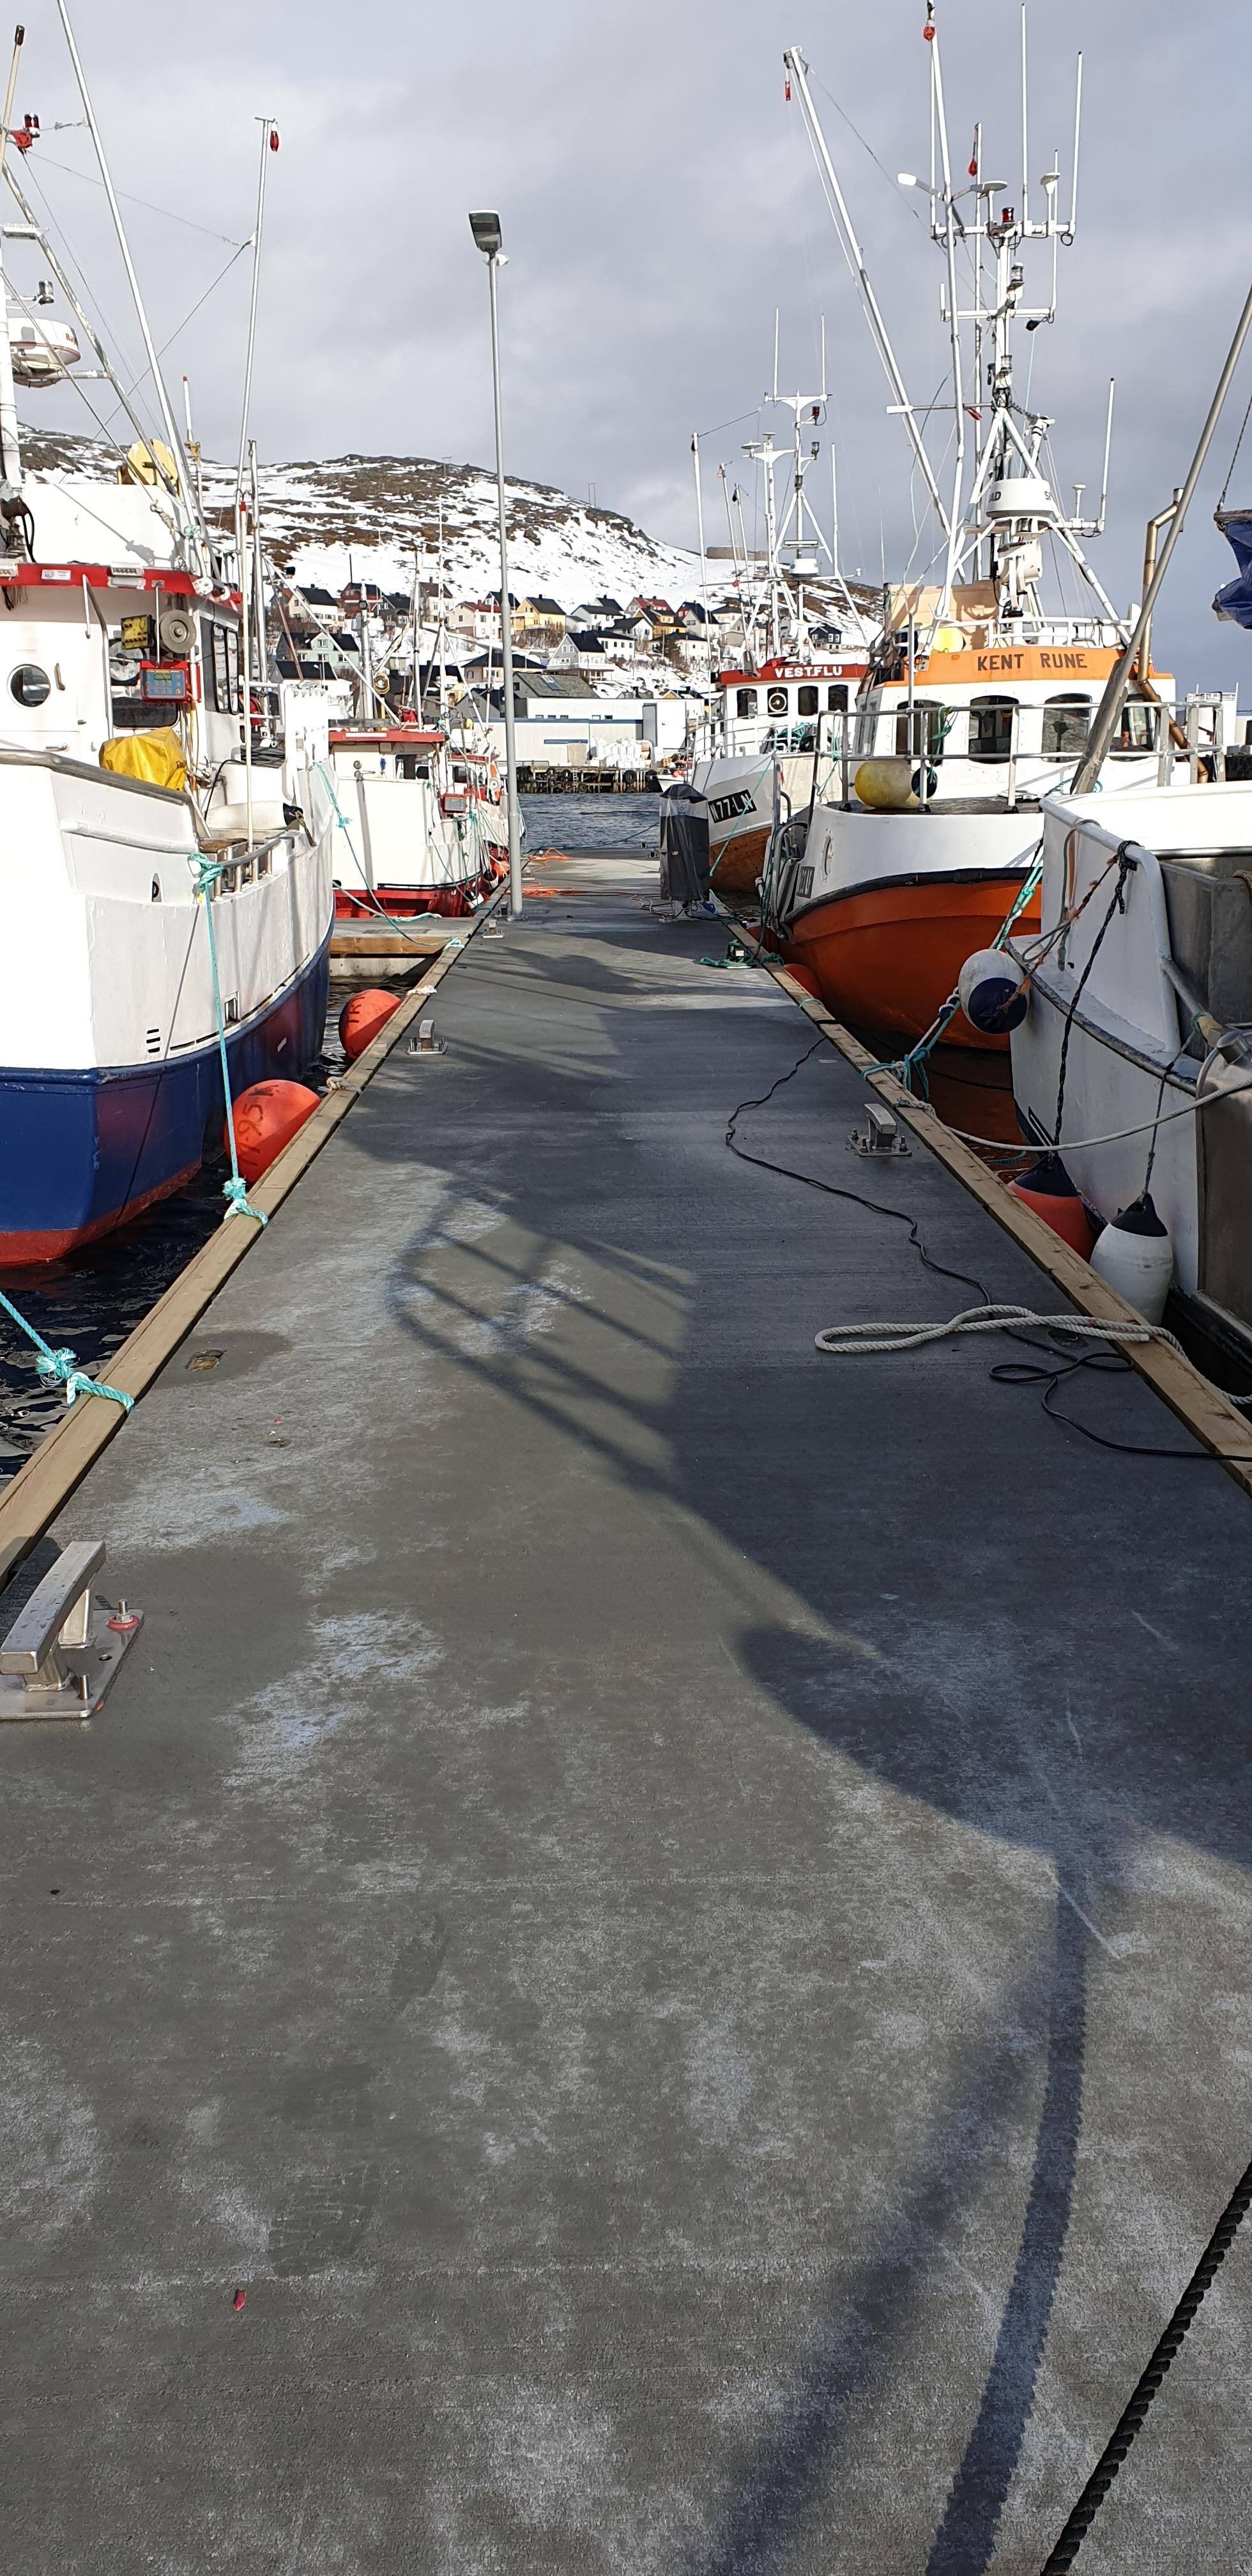 https://marinasolutions.no/uploads/20190328_140112-Havøysund.jpg